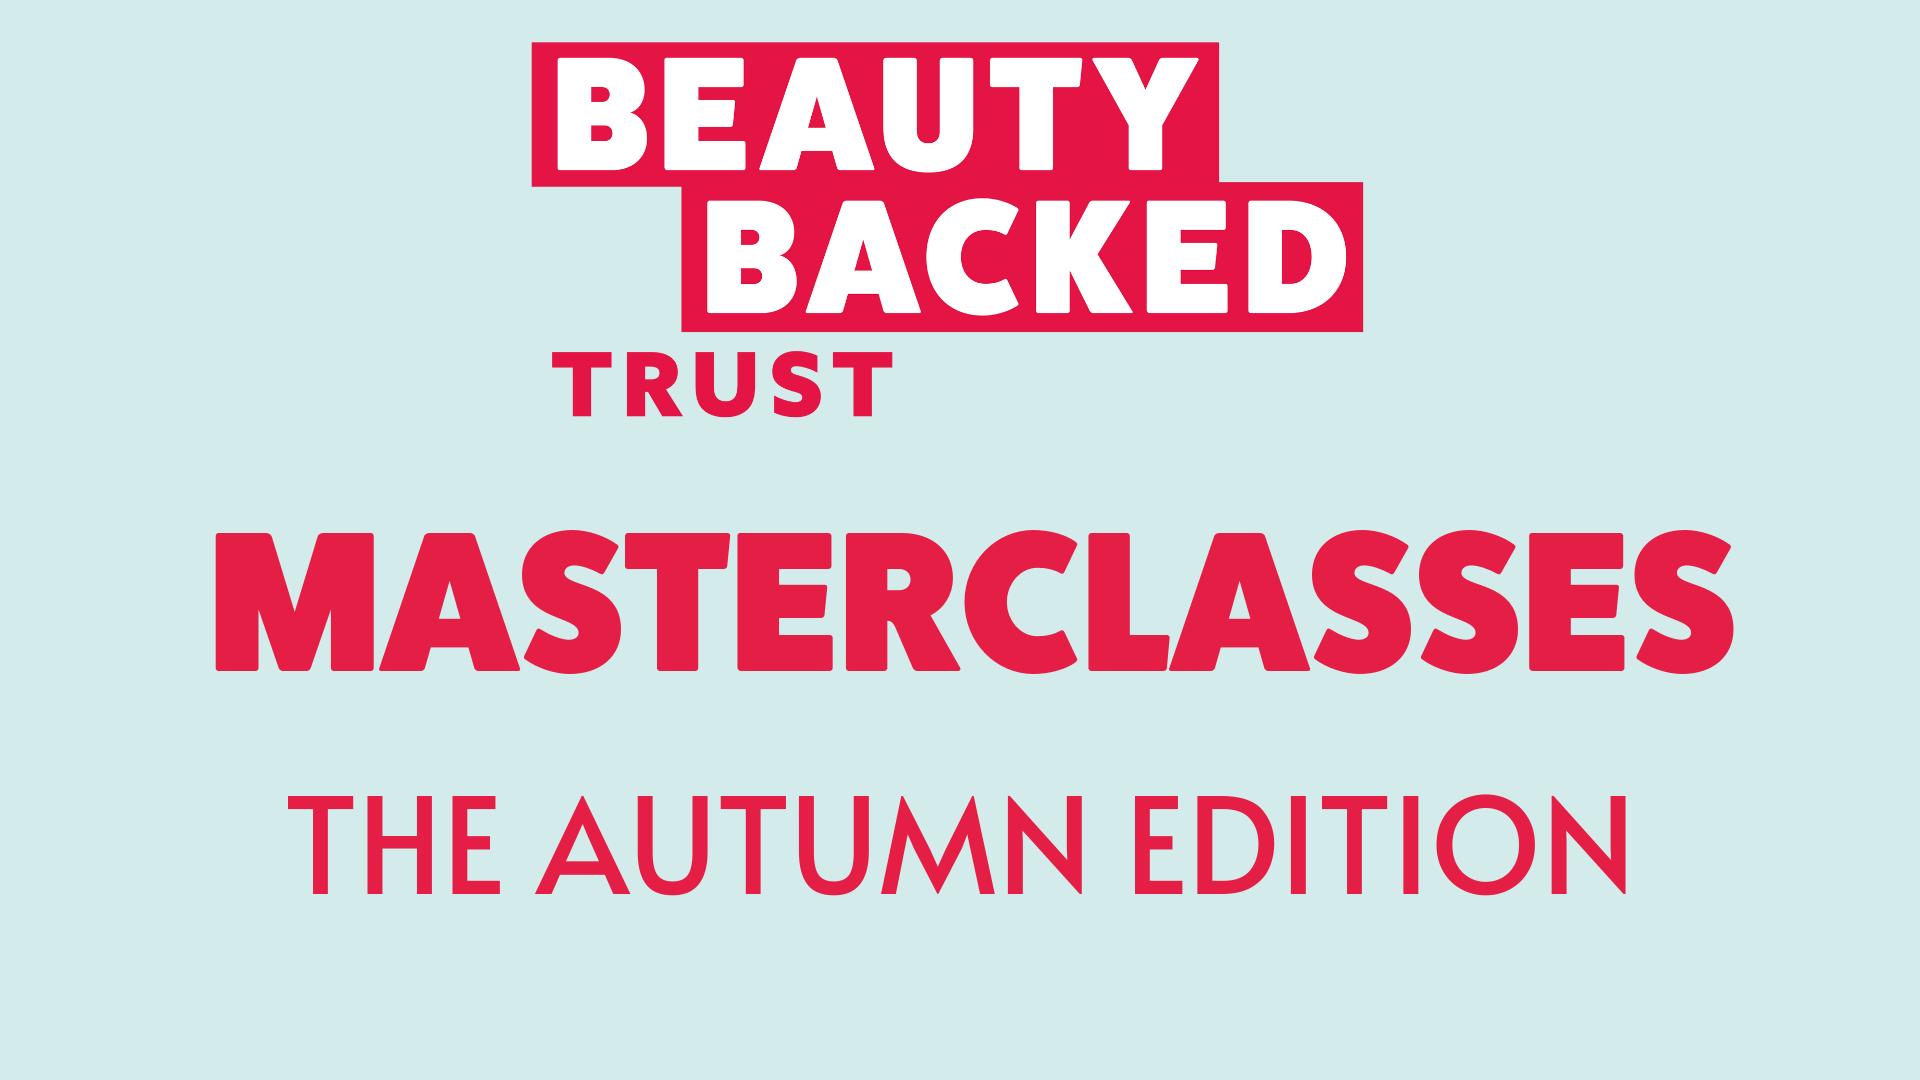 Beauty Backed Masterclasses